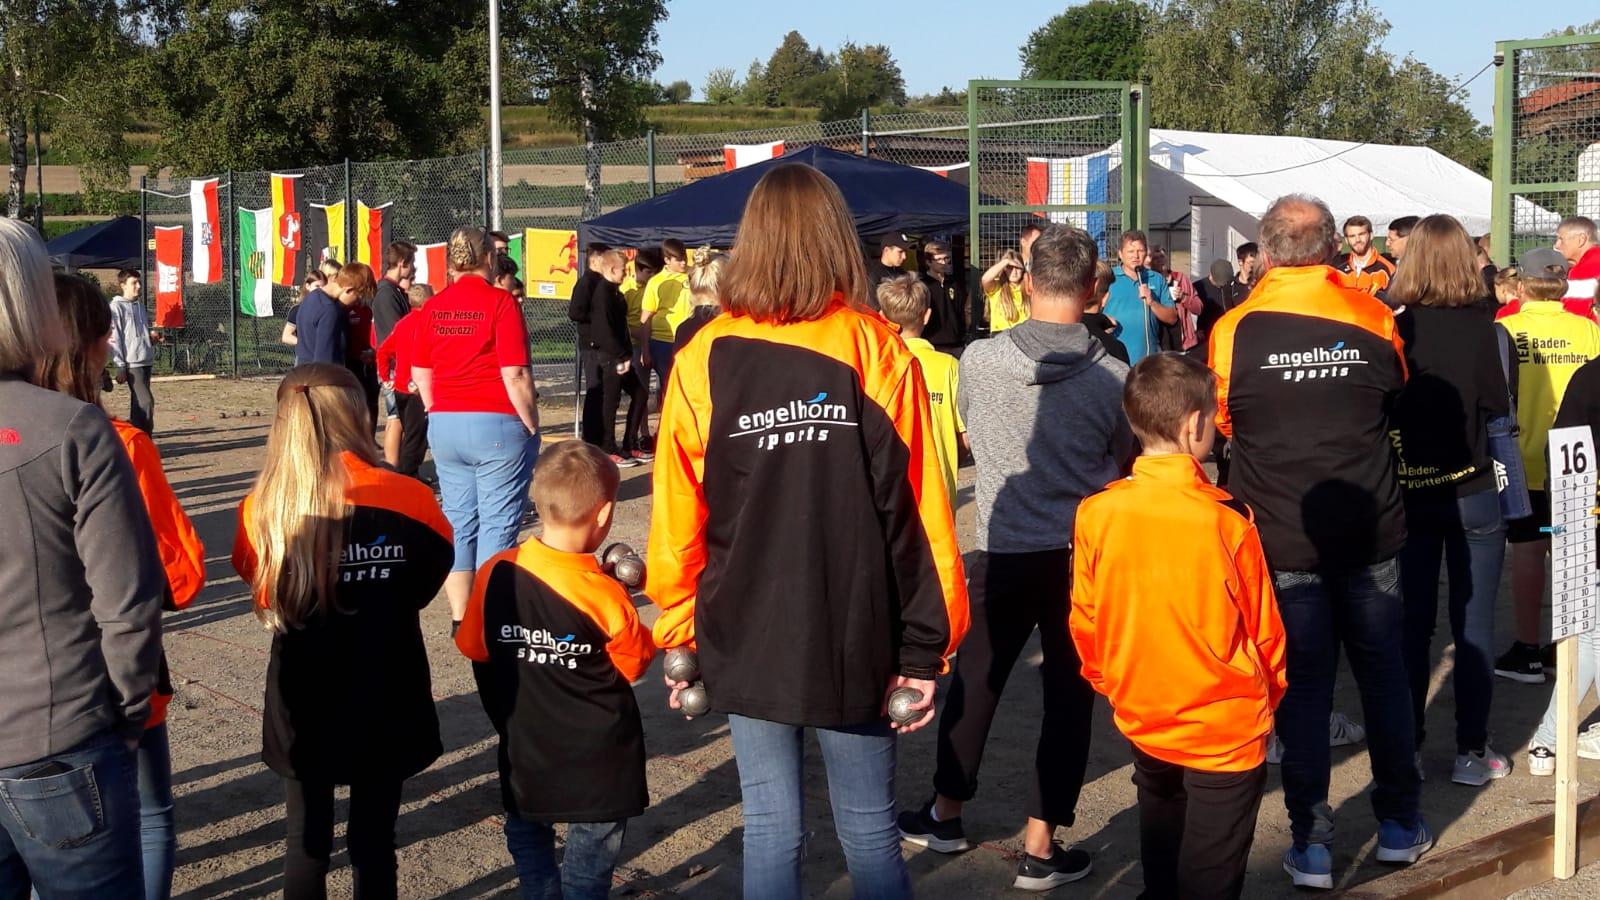 Eröffnung der DM Jugend Petanque in Ettenheim. 234 Teilnehmer aus 10 Landesverbänden!